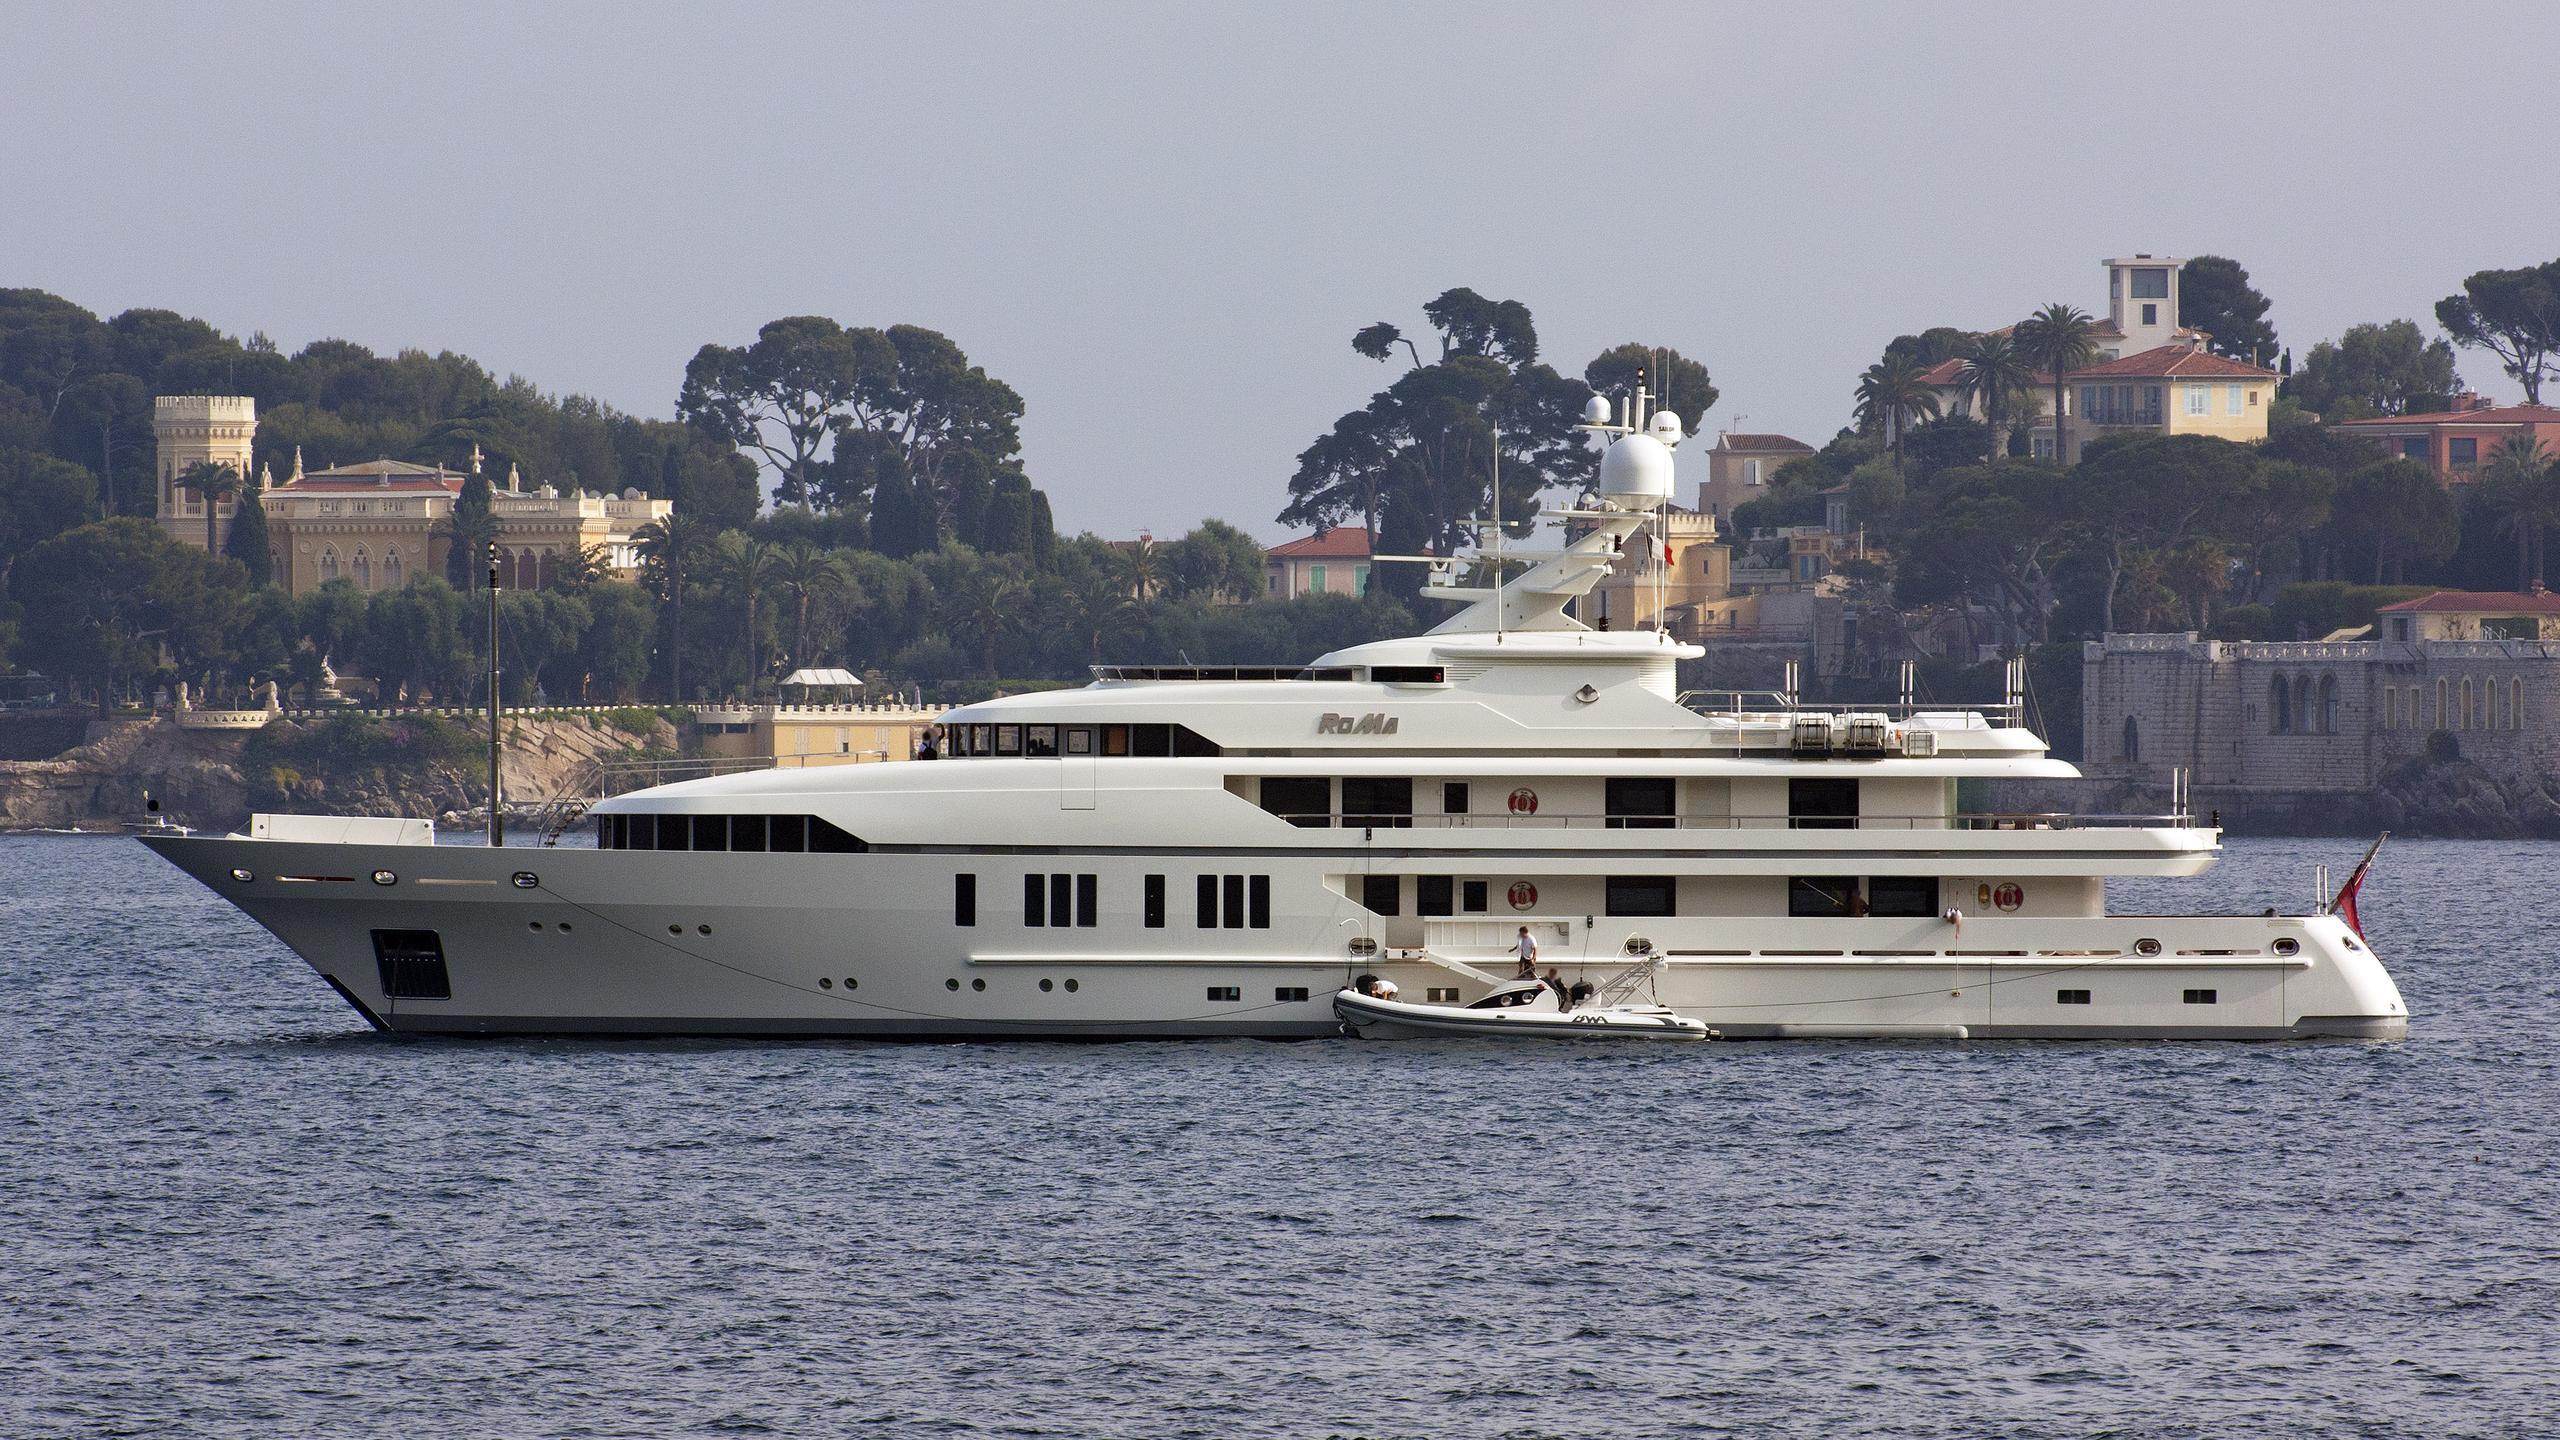 roma-motor-yacht-viareggio-2010-62m-profile